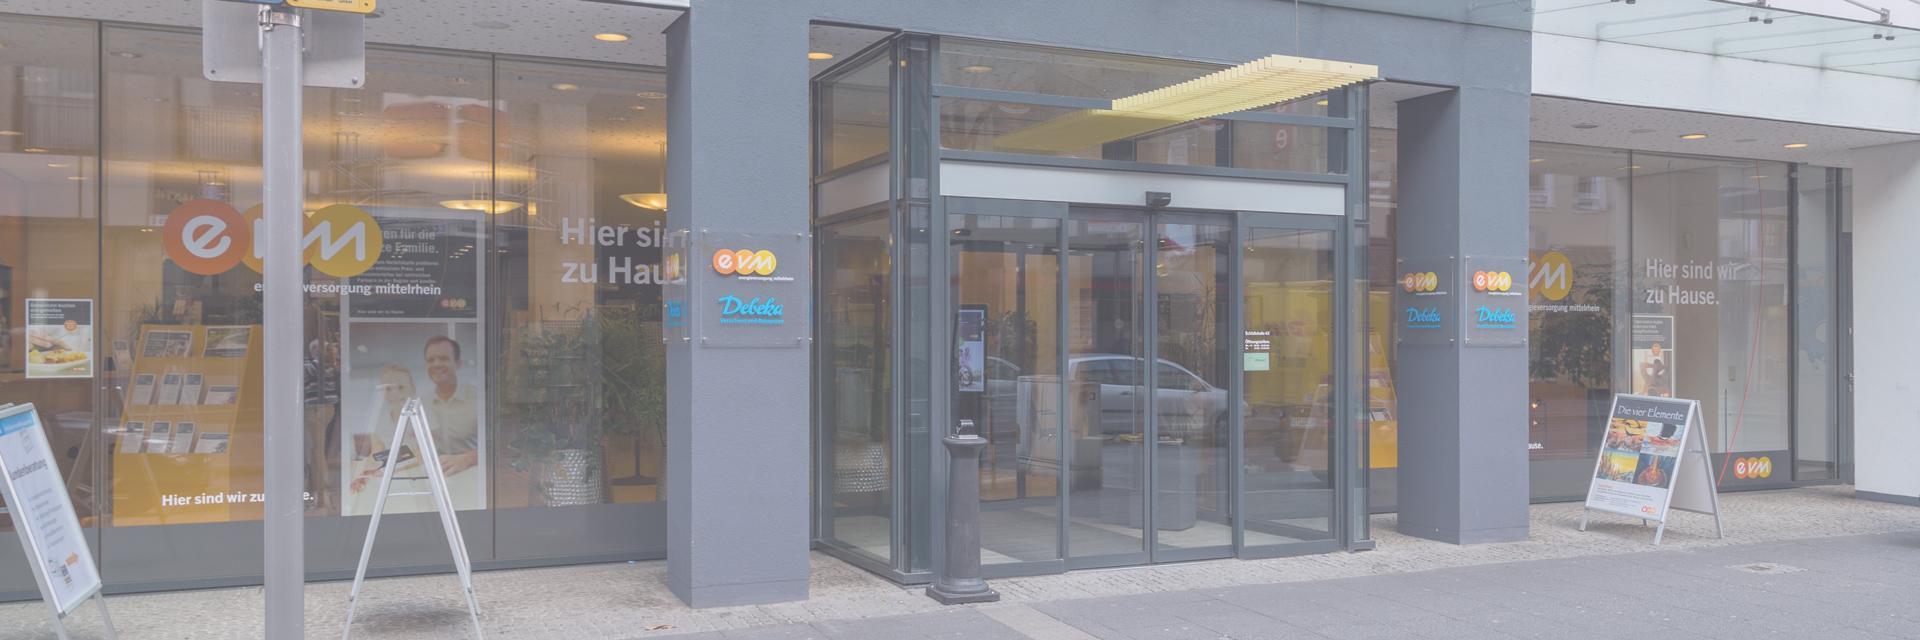 Kundenzentrum Der Evm Schlossstrasse Koblenz